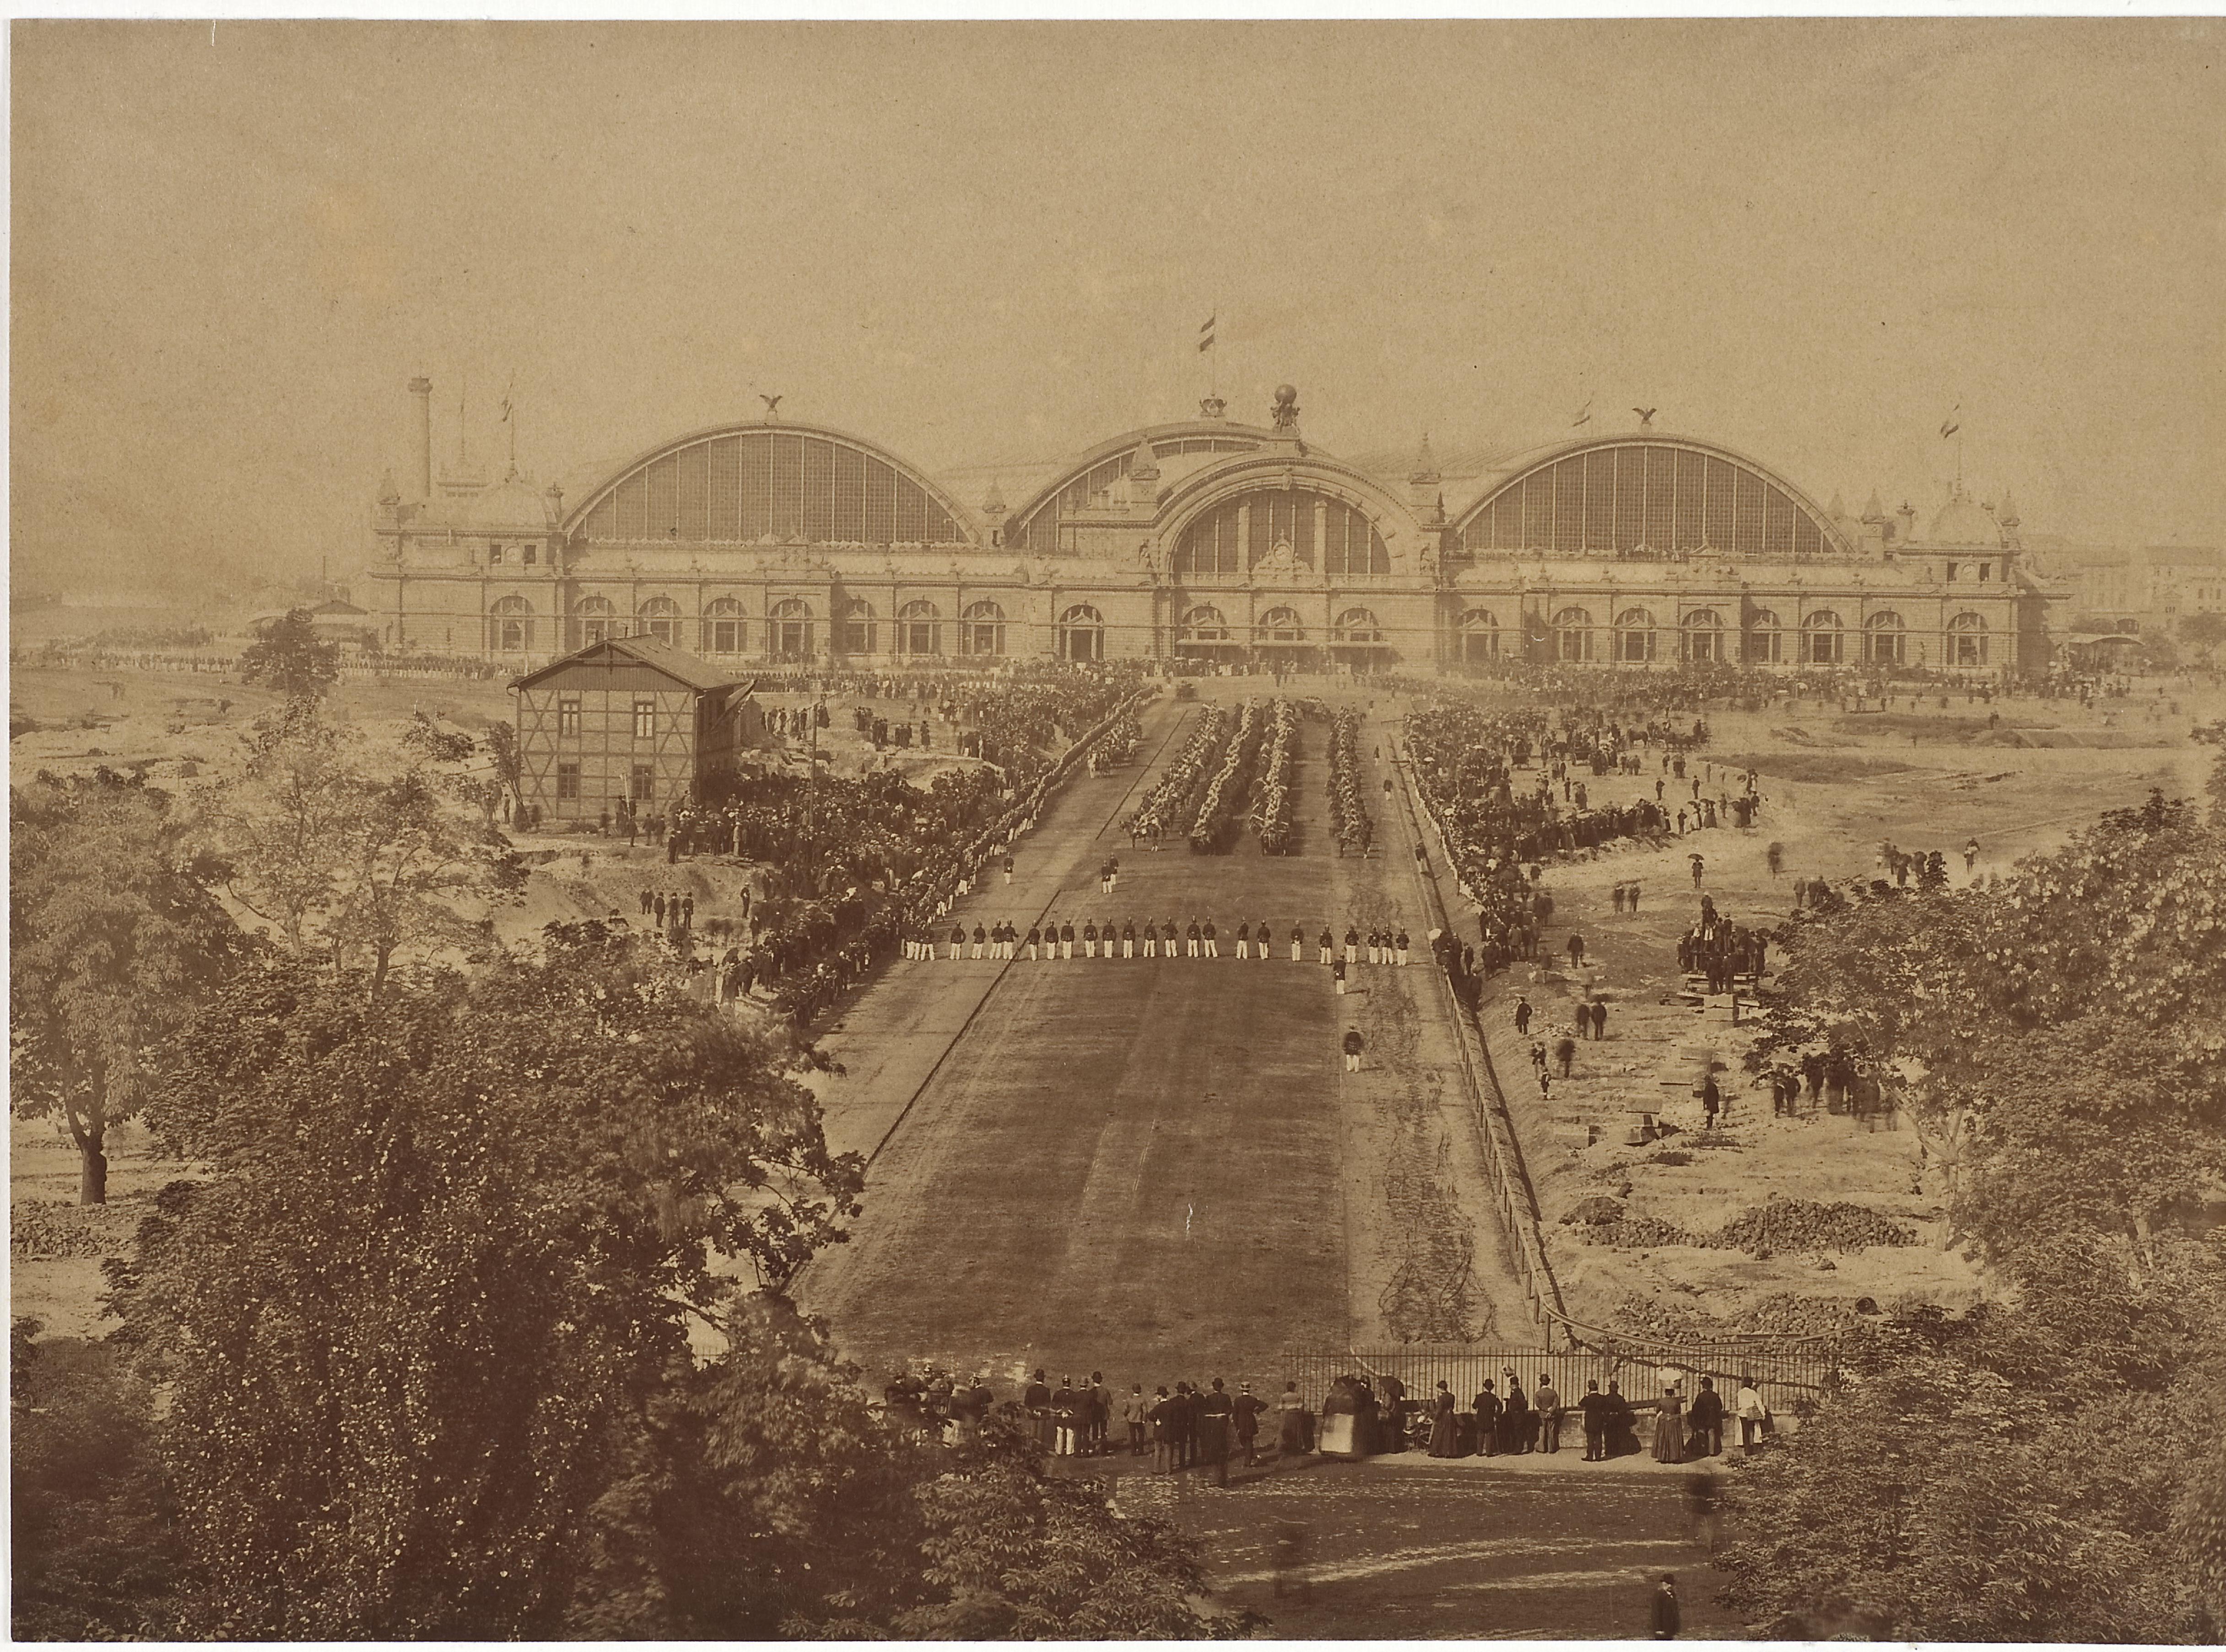 Dieses Bild zeigt ein Foto der Parade zum Empfang König Humberts I. von Italien im Mai 1889 vor dem Hauptbahnhof